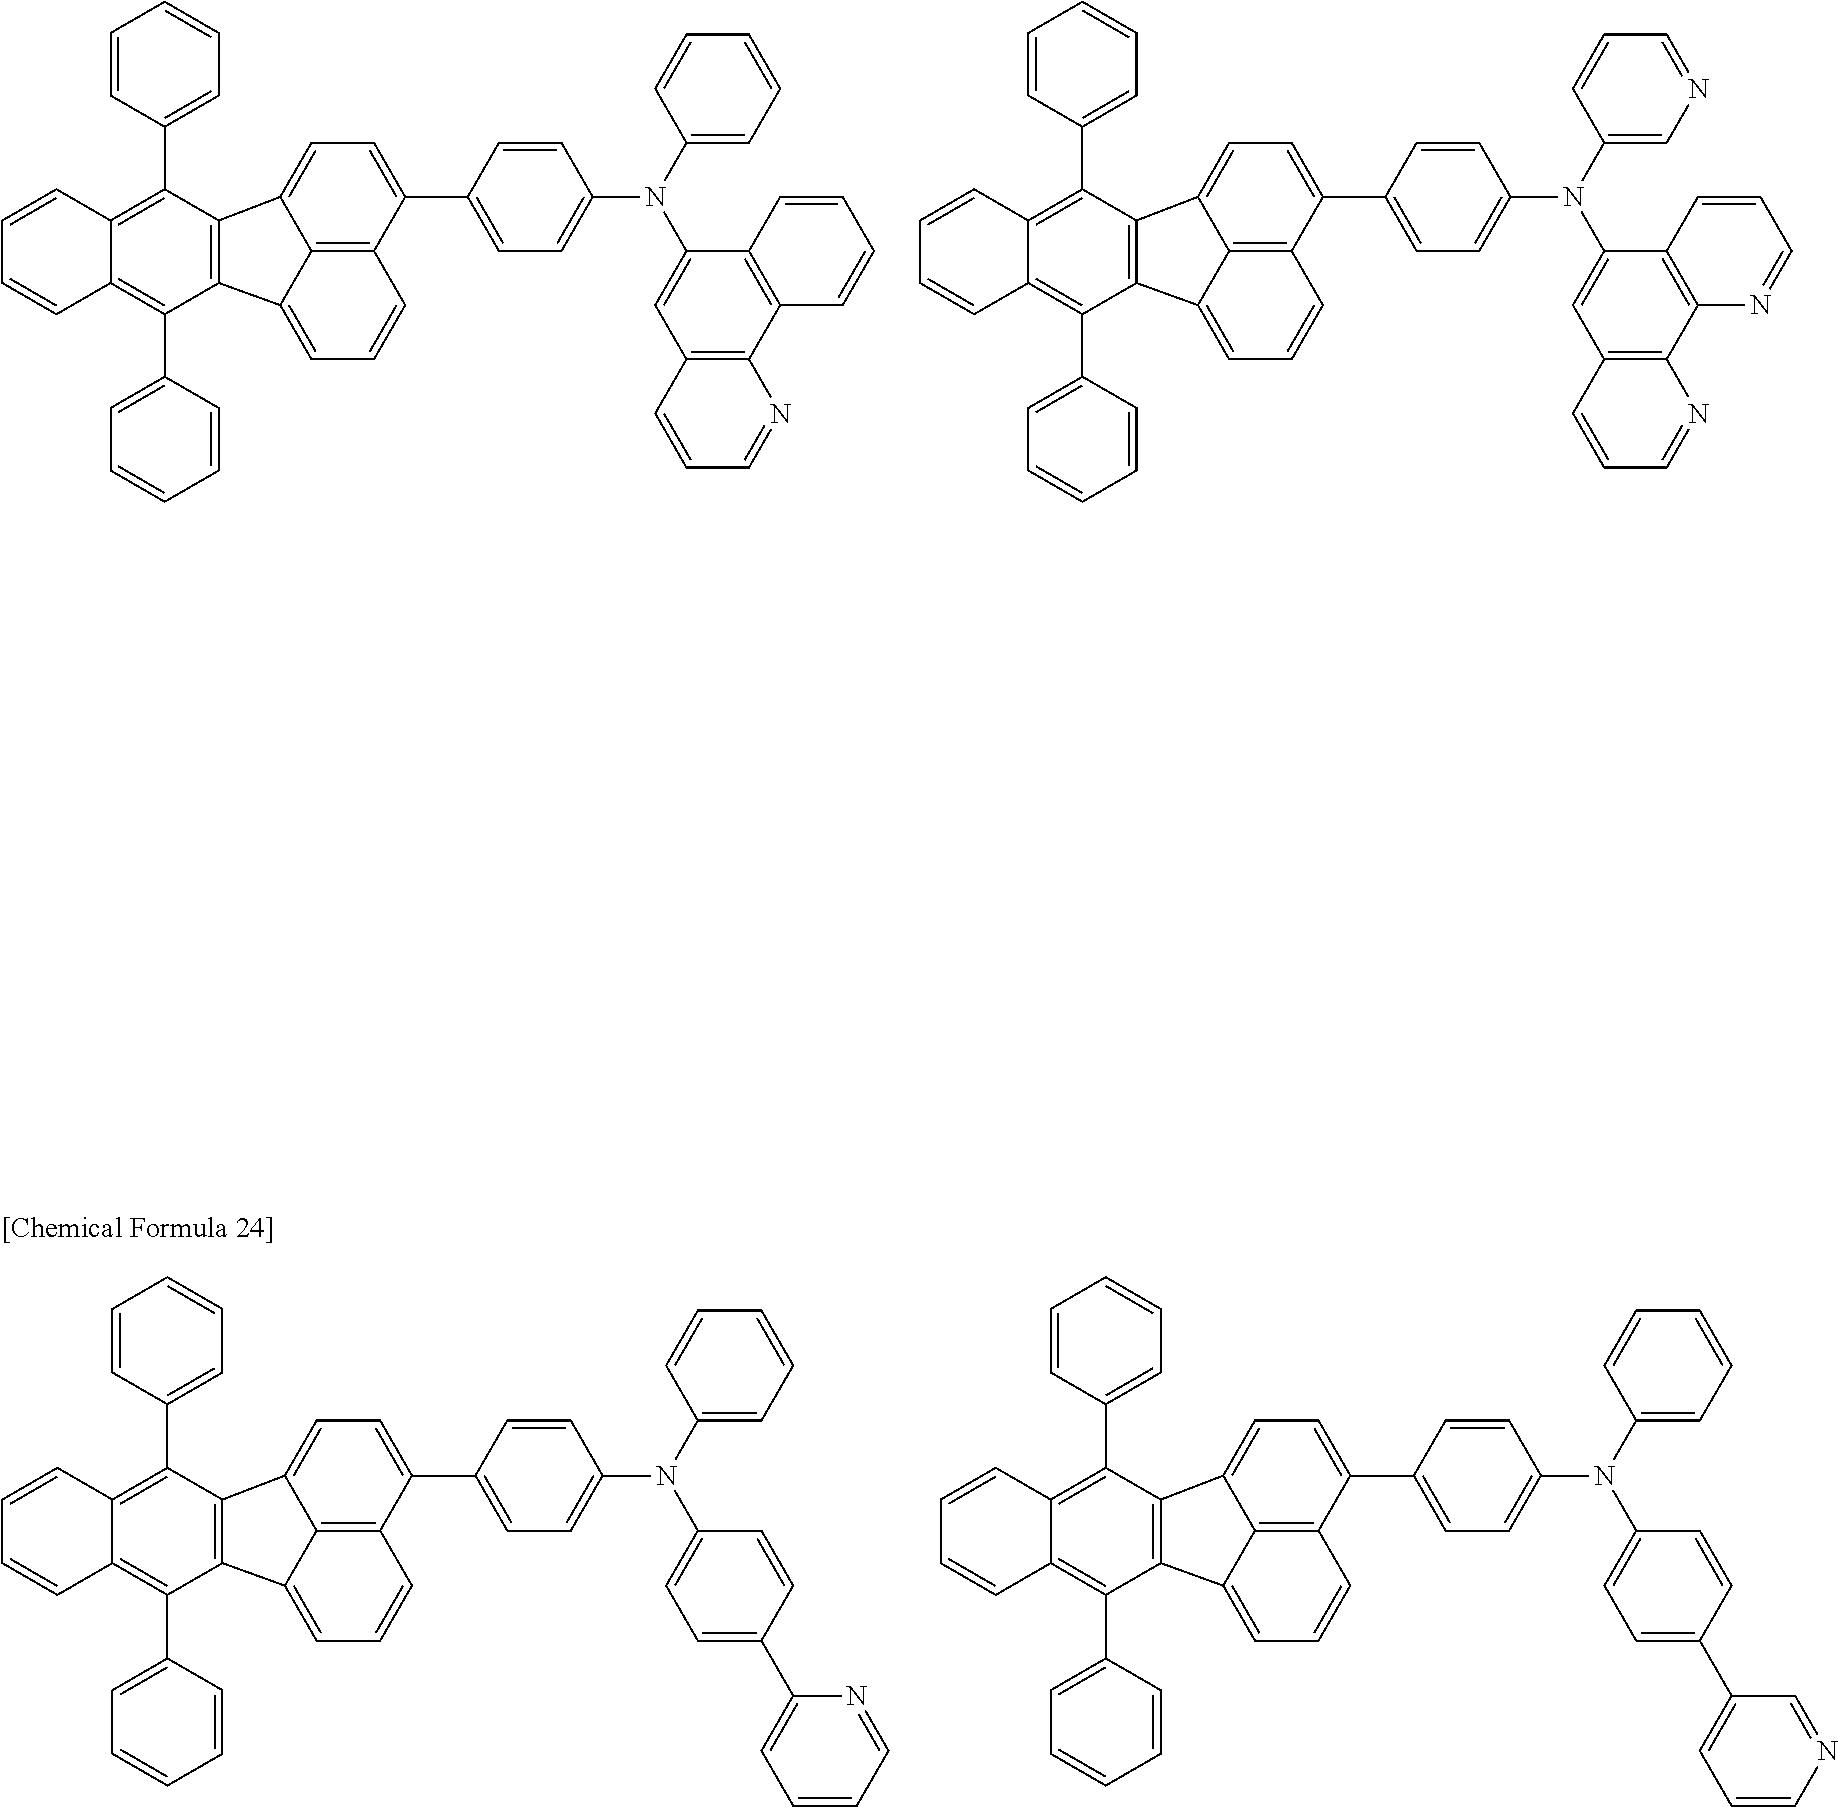 Figure US20150280139A1-20151001-C00057